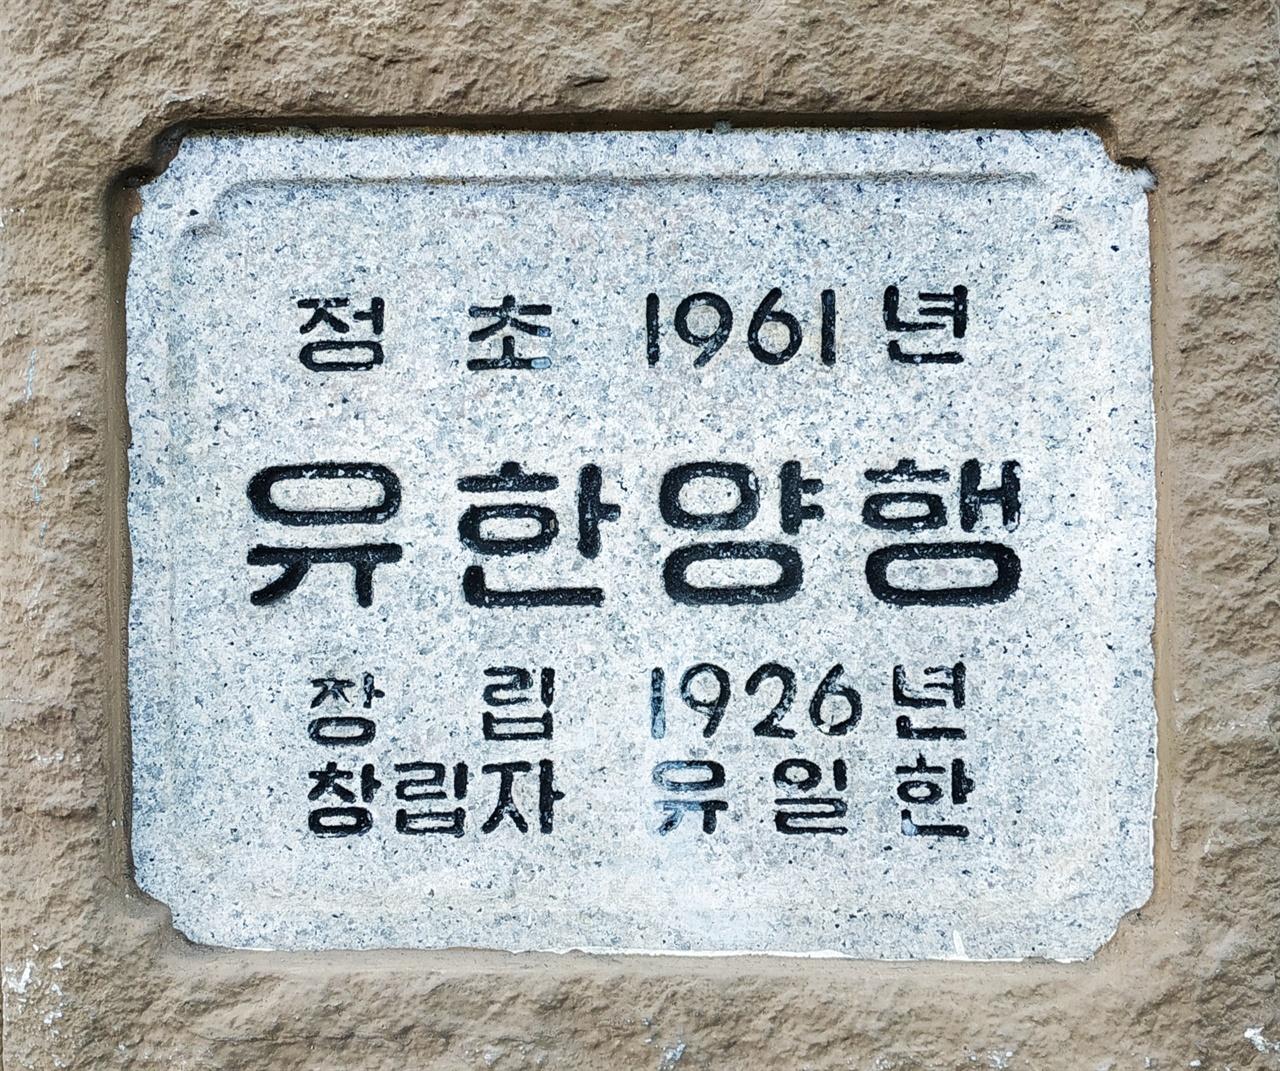 원 유한양행 건물 '정초' 1926년에 설립된 유한양행은 종로2가와 신문로 시대를 거쳐 1961년에 대방동으로 이전하였다. 이전 당시에는 현 유한양행빌딩 서쪽의 2층짜리 붉은 벽돌 건물에 있었다.